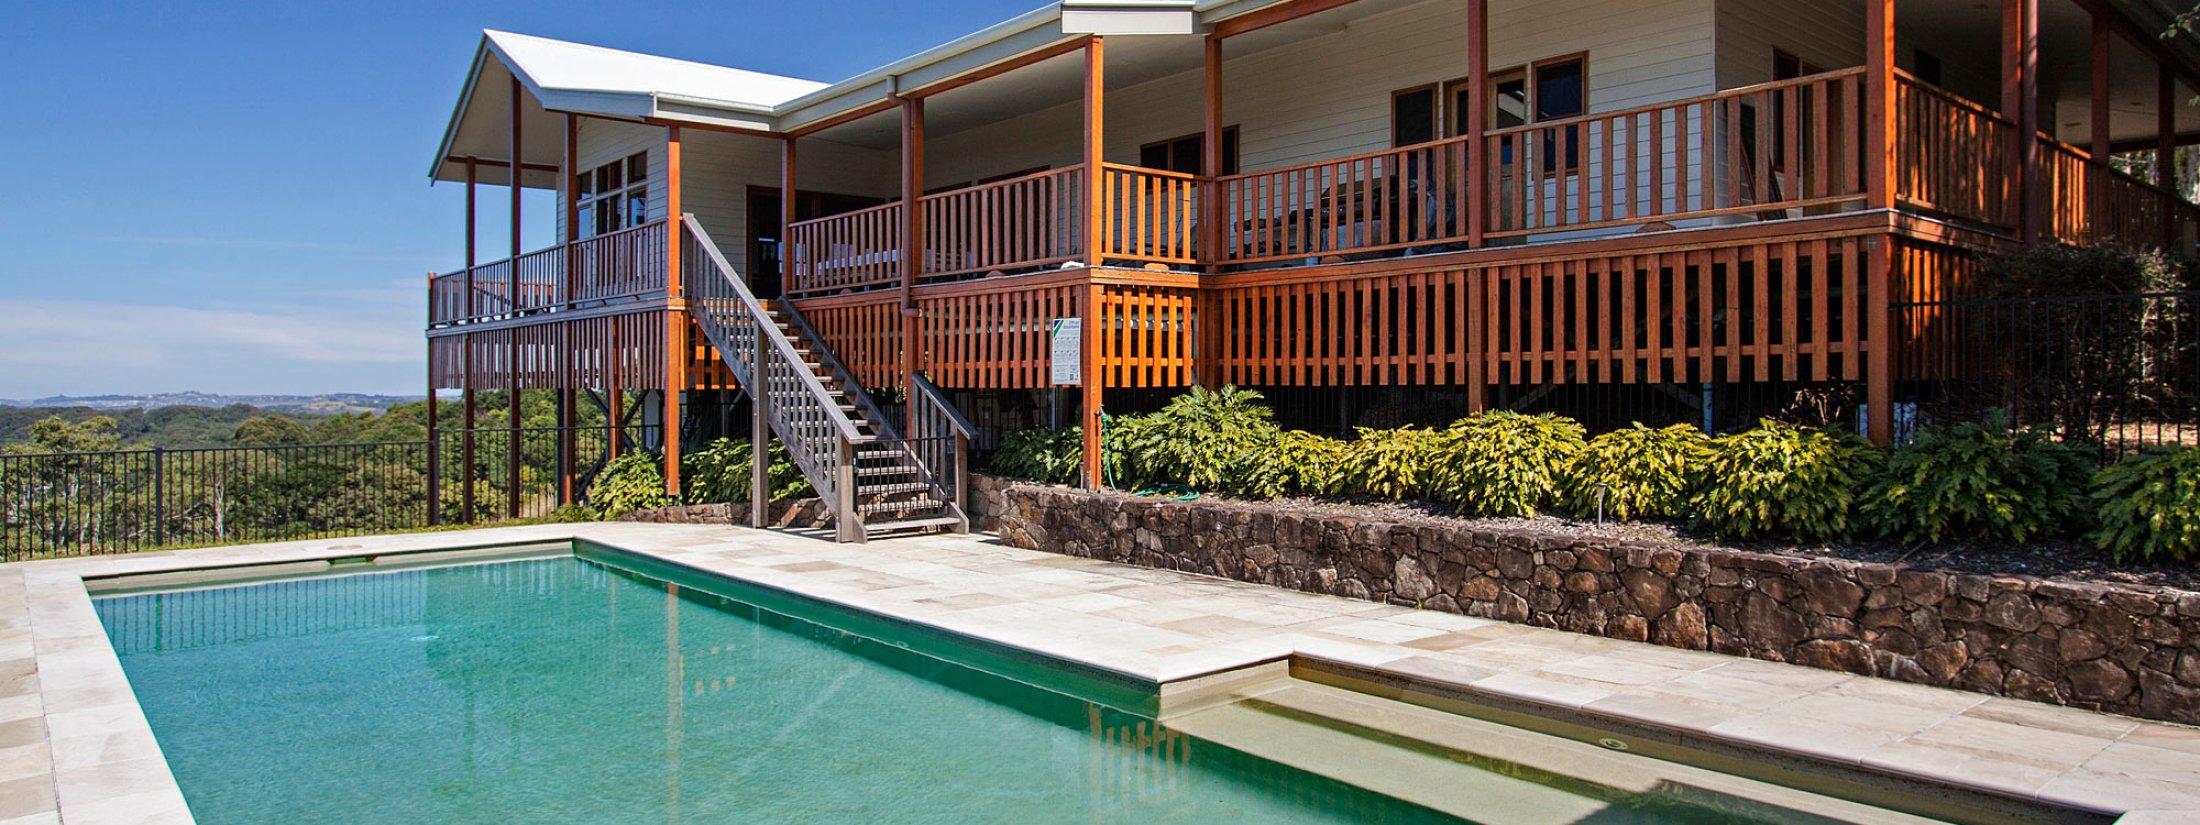 Aloha Ohana Nui - Byron Bay - Pool Area